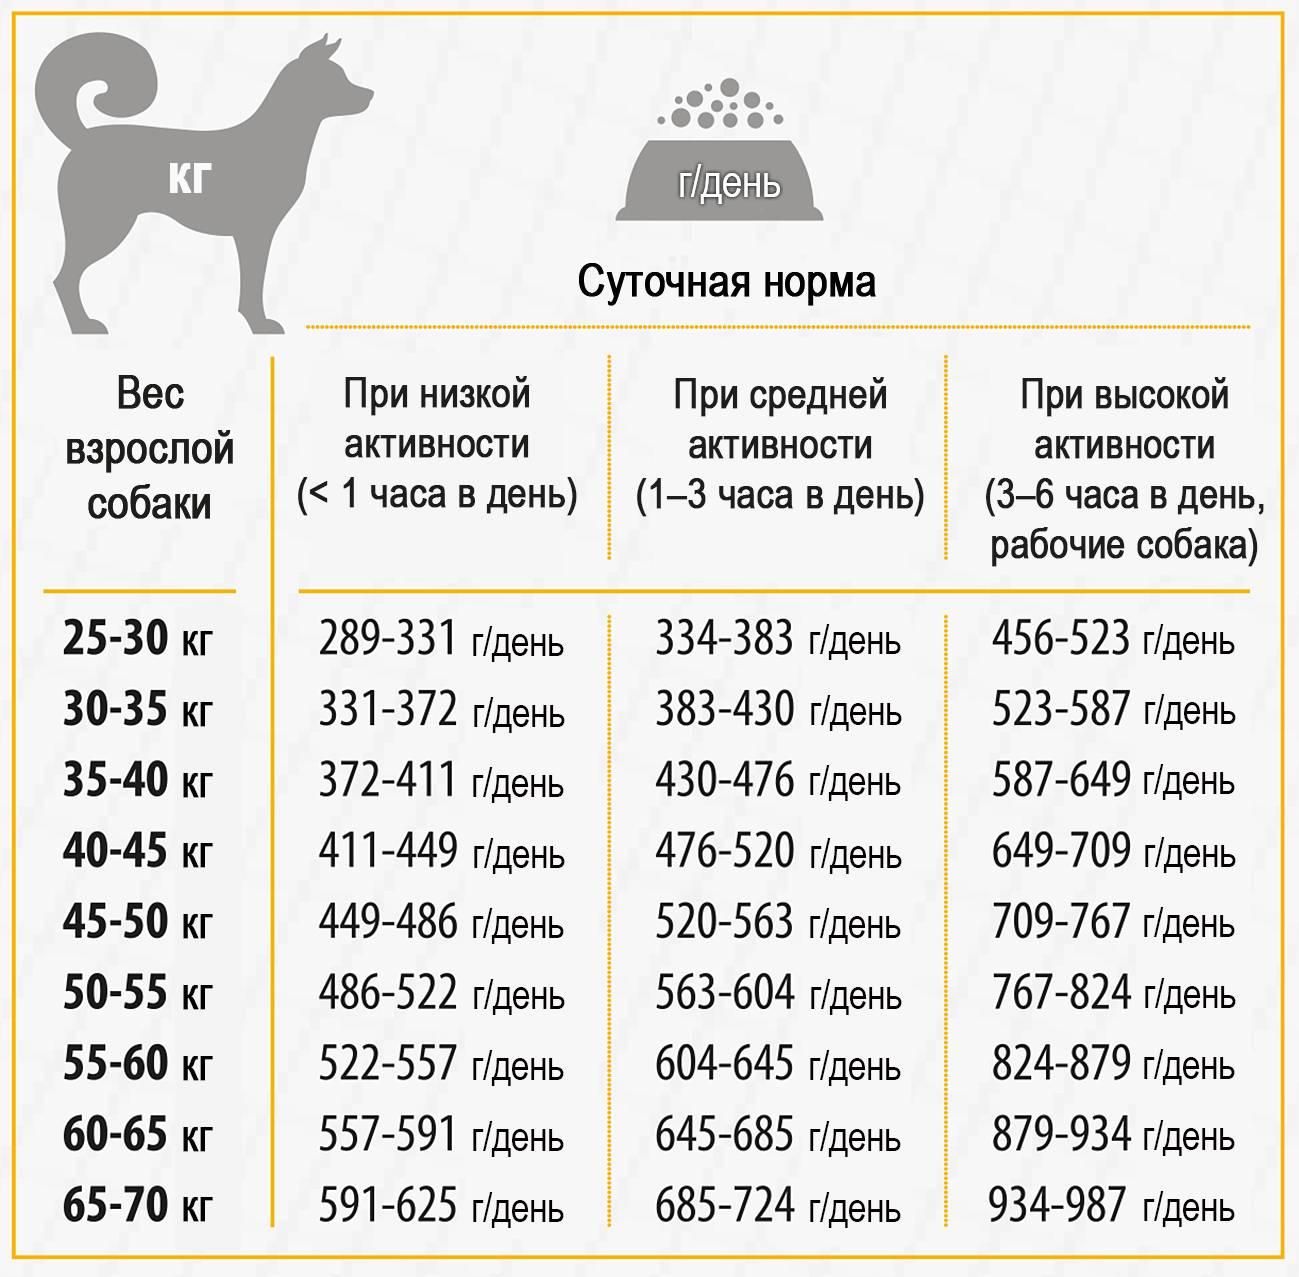 Можно ли кормить собаку натуральным и сухим кормом одновременно? 19 фото как правильно совмещать типы кормления?